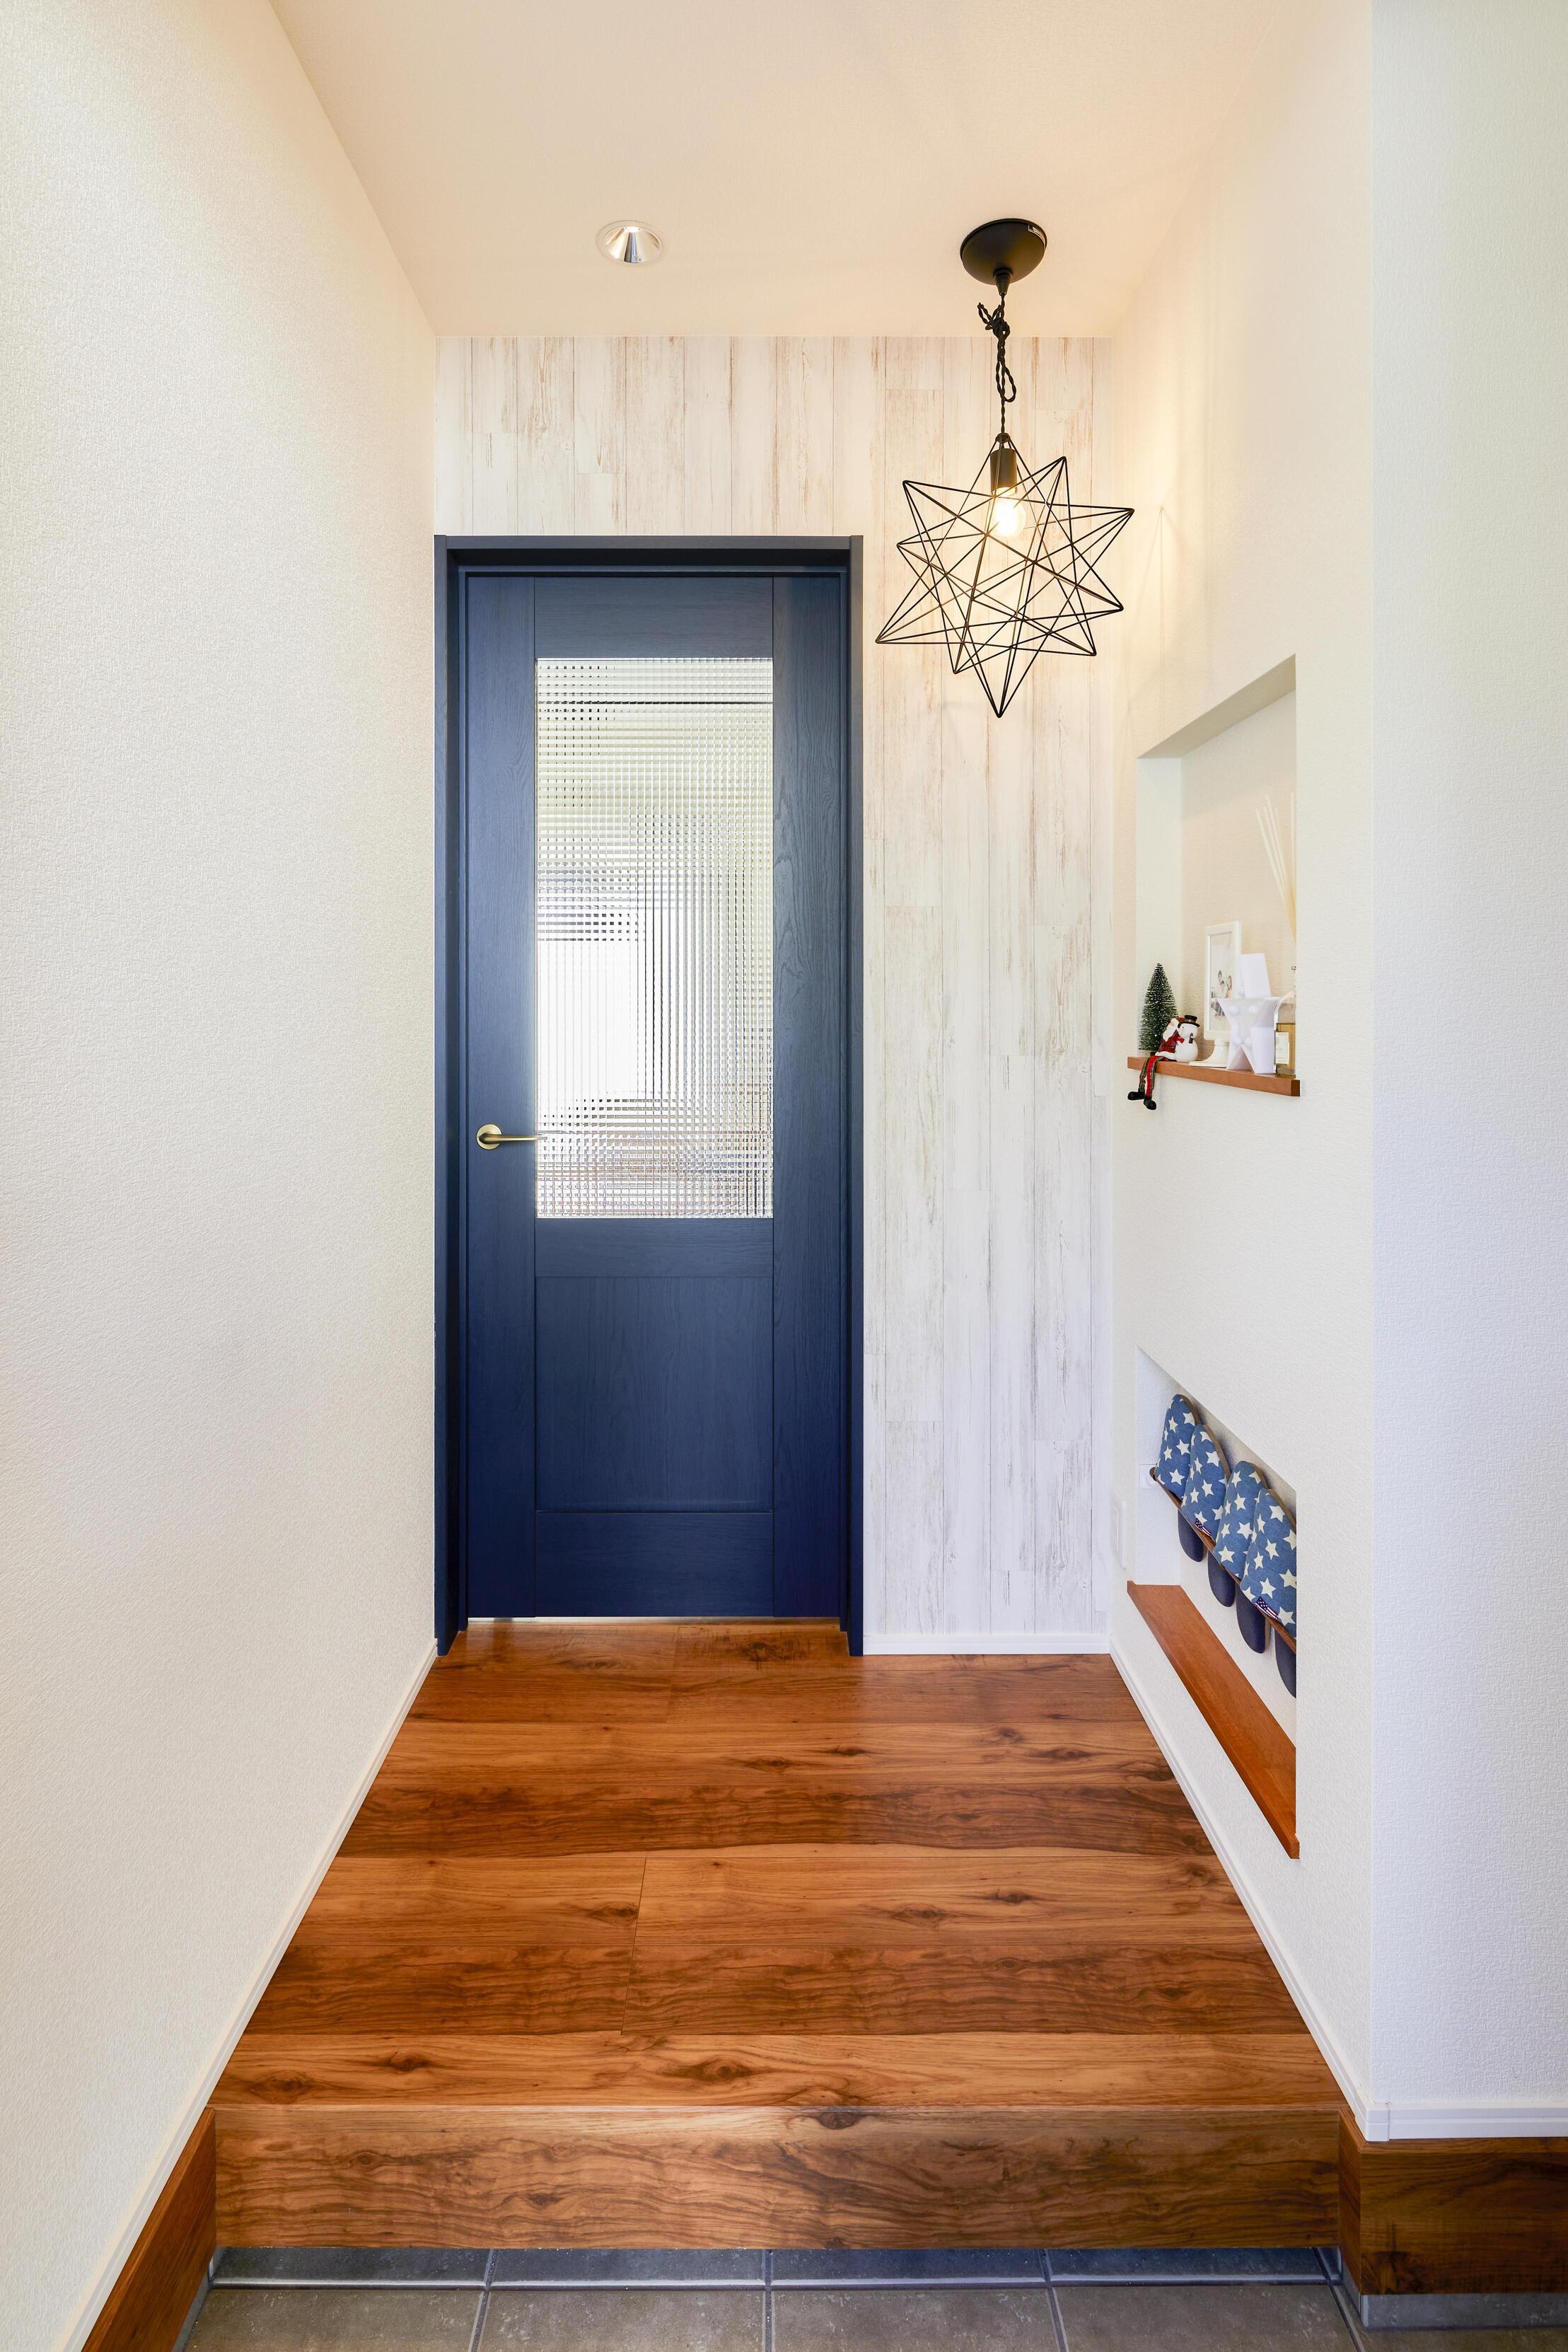 框組デザインのドアと、印象的なフレームのペンダント照明が素敵に出迎えてくれる玄関。スリッパを収納できるニッチも便利